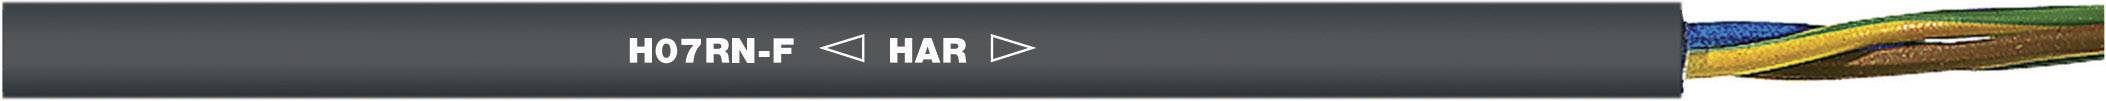 Připojovací kabel H07RN-F 2 x 1.50 mm² černá LAPP 1600199 metrové zboží